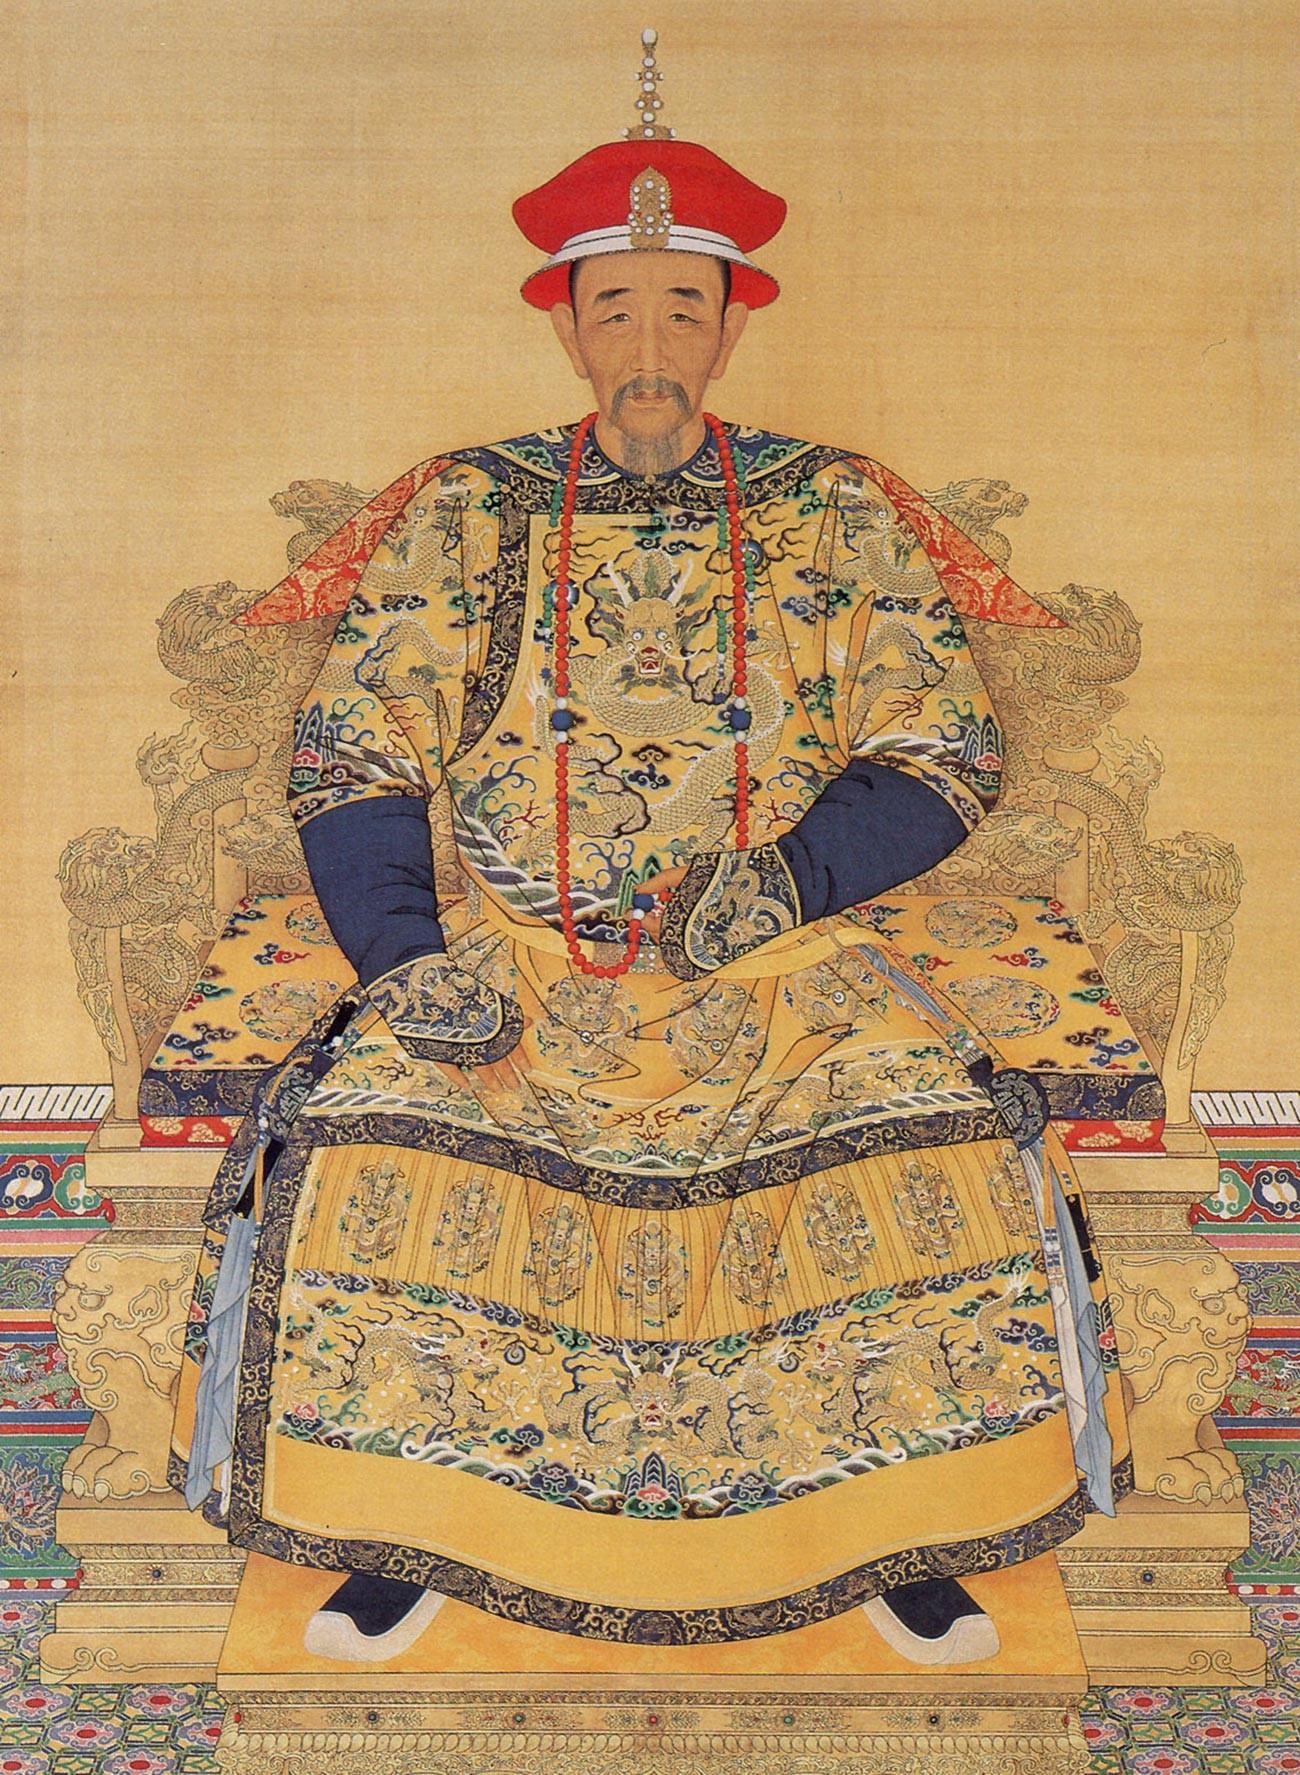 ダウール族に「ボグダイ公」と呼ばれた清の第4代皇帝である康熙帝(こうきてい)